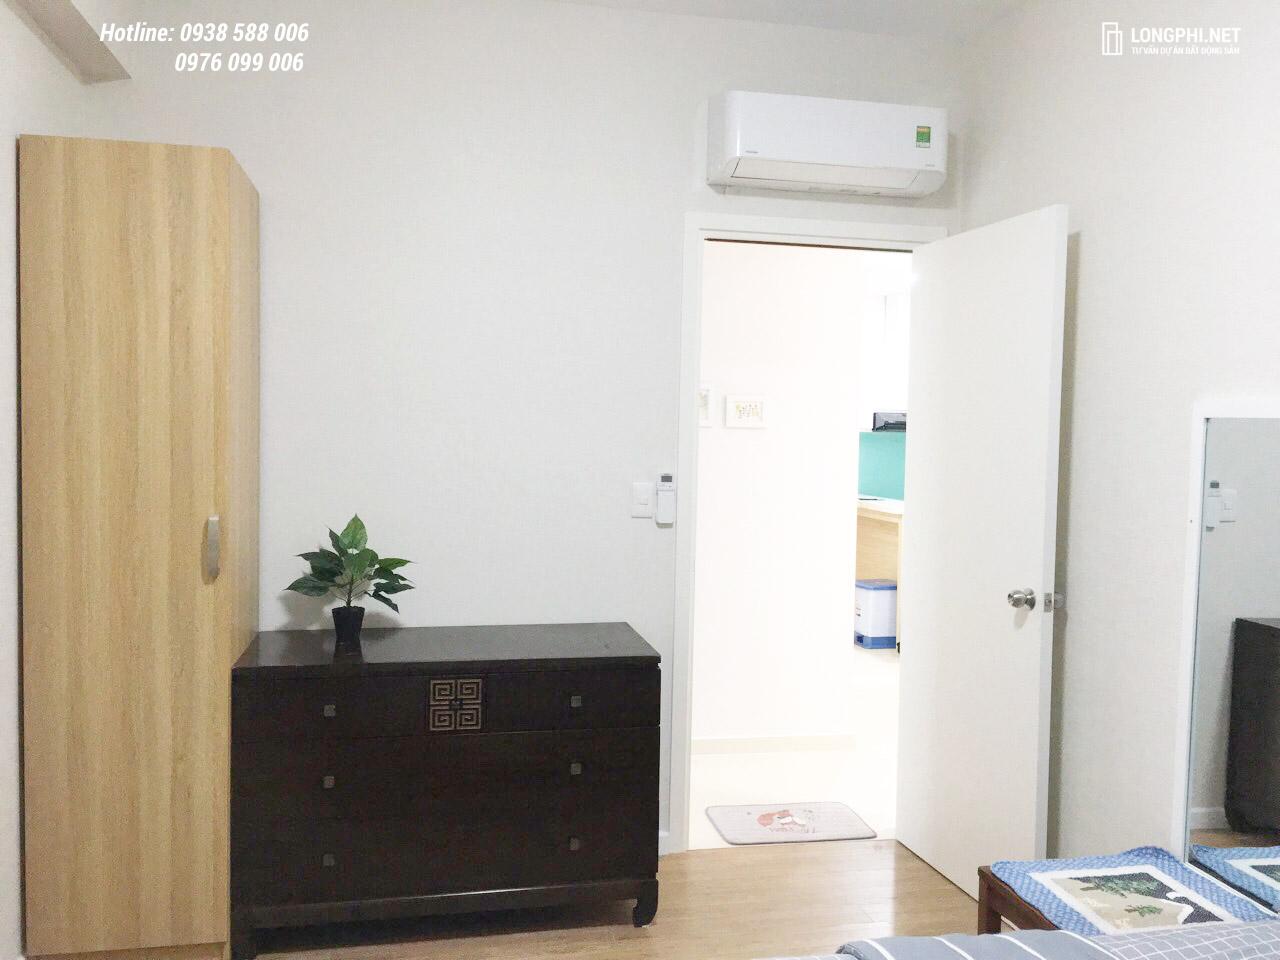 Bên trong phòng ngủ có trang bị thêm một số vật dụng nội thất.